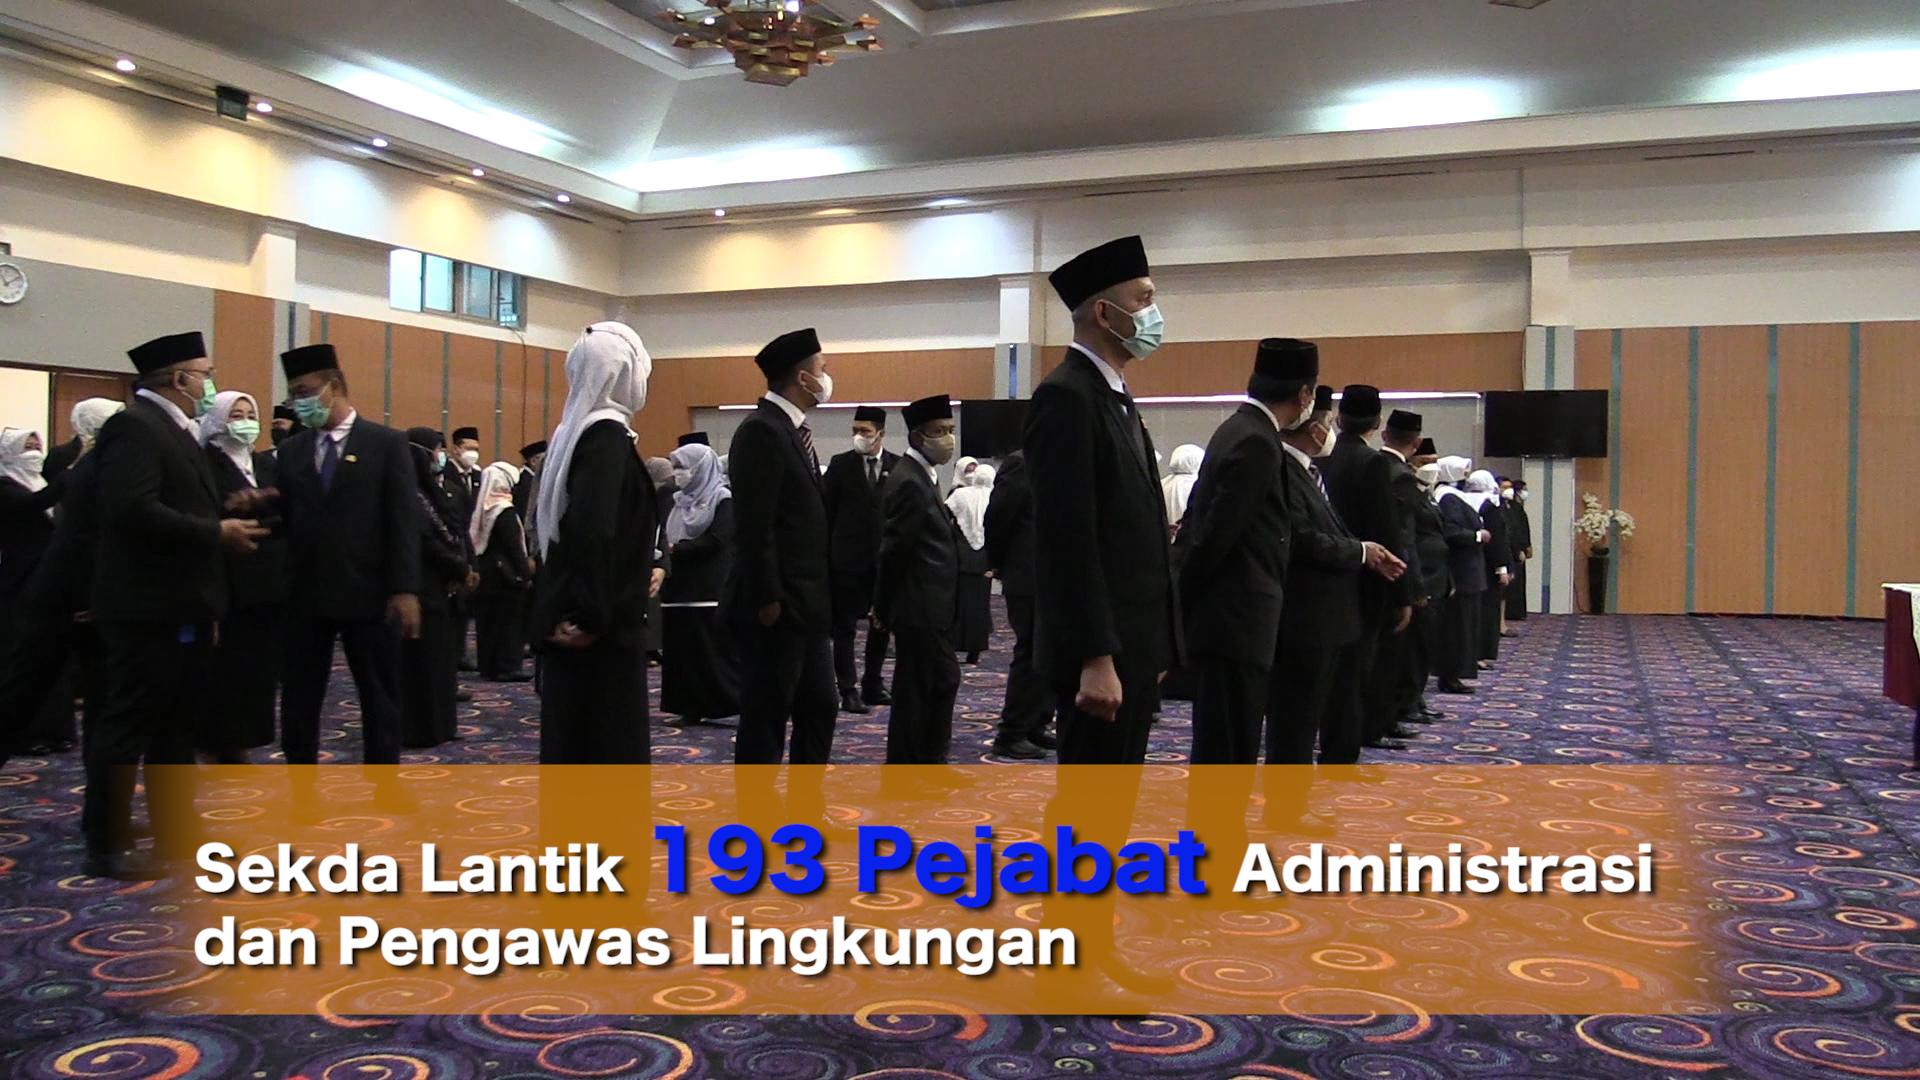 Sekda Lantik 193 Pejabat Administrasi dan Pengawas Lingkungan